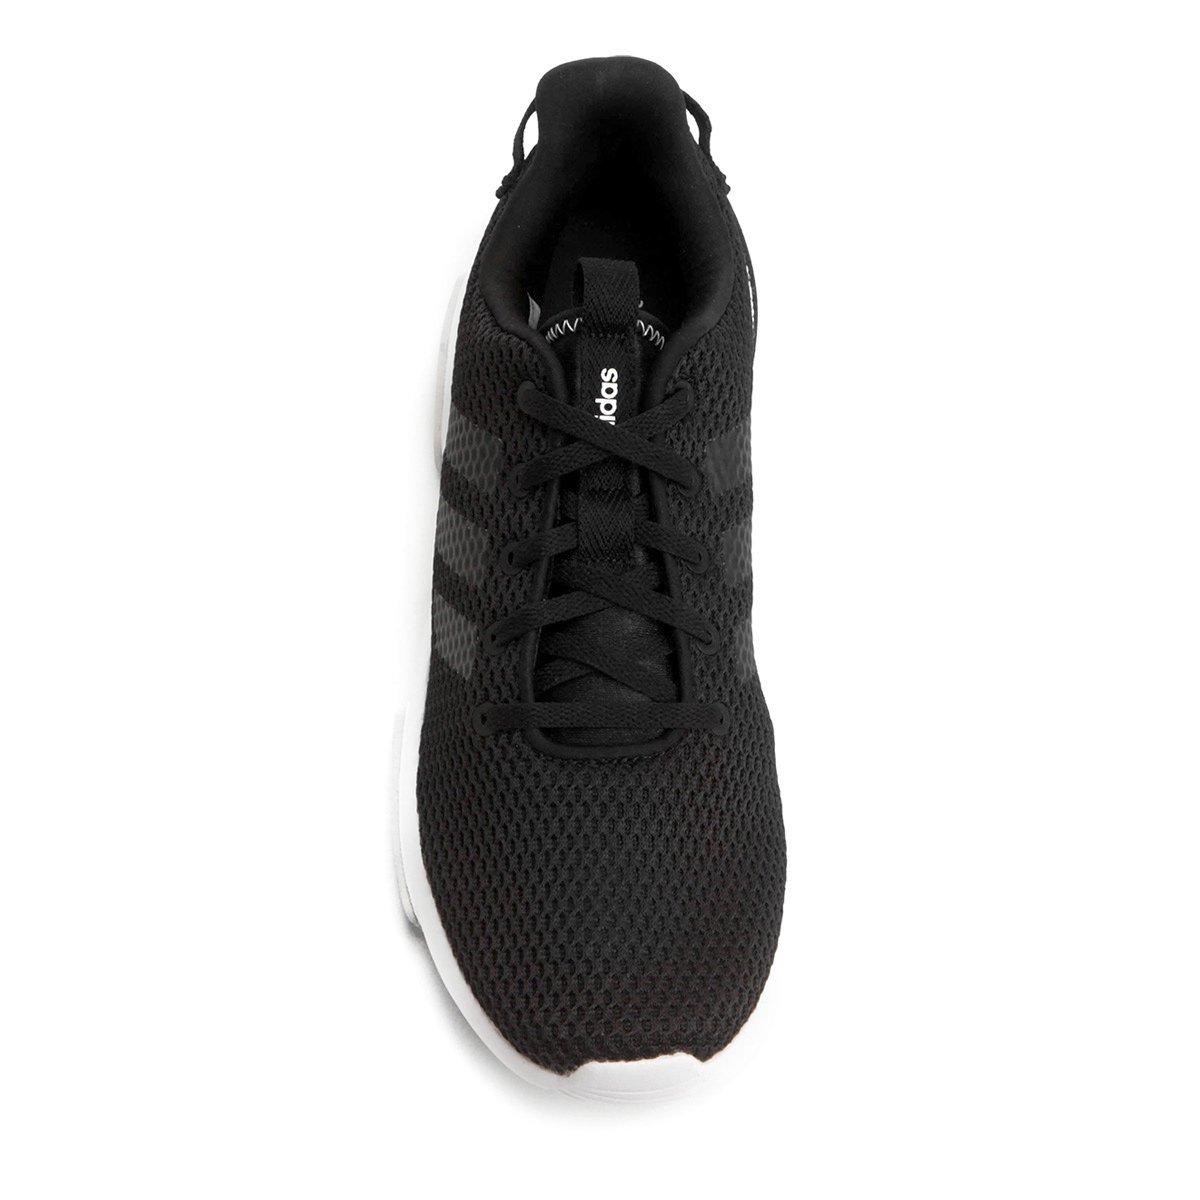 2914551724 Tênis Adidas Cf Racer Tr W Feminino - Preto - Compre Agora